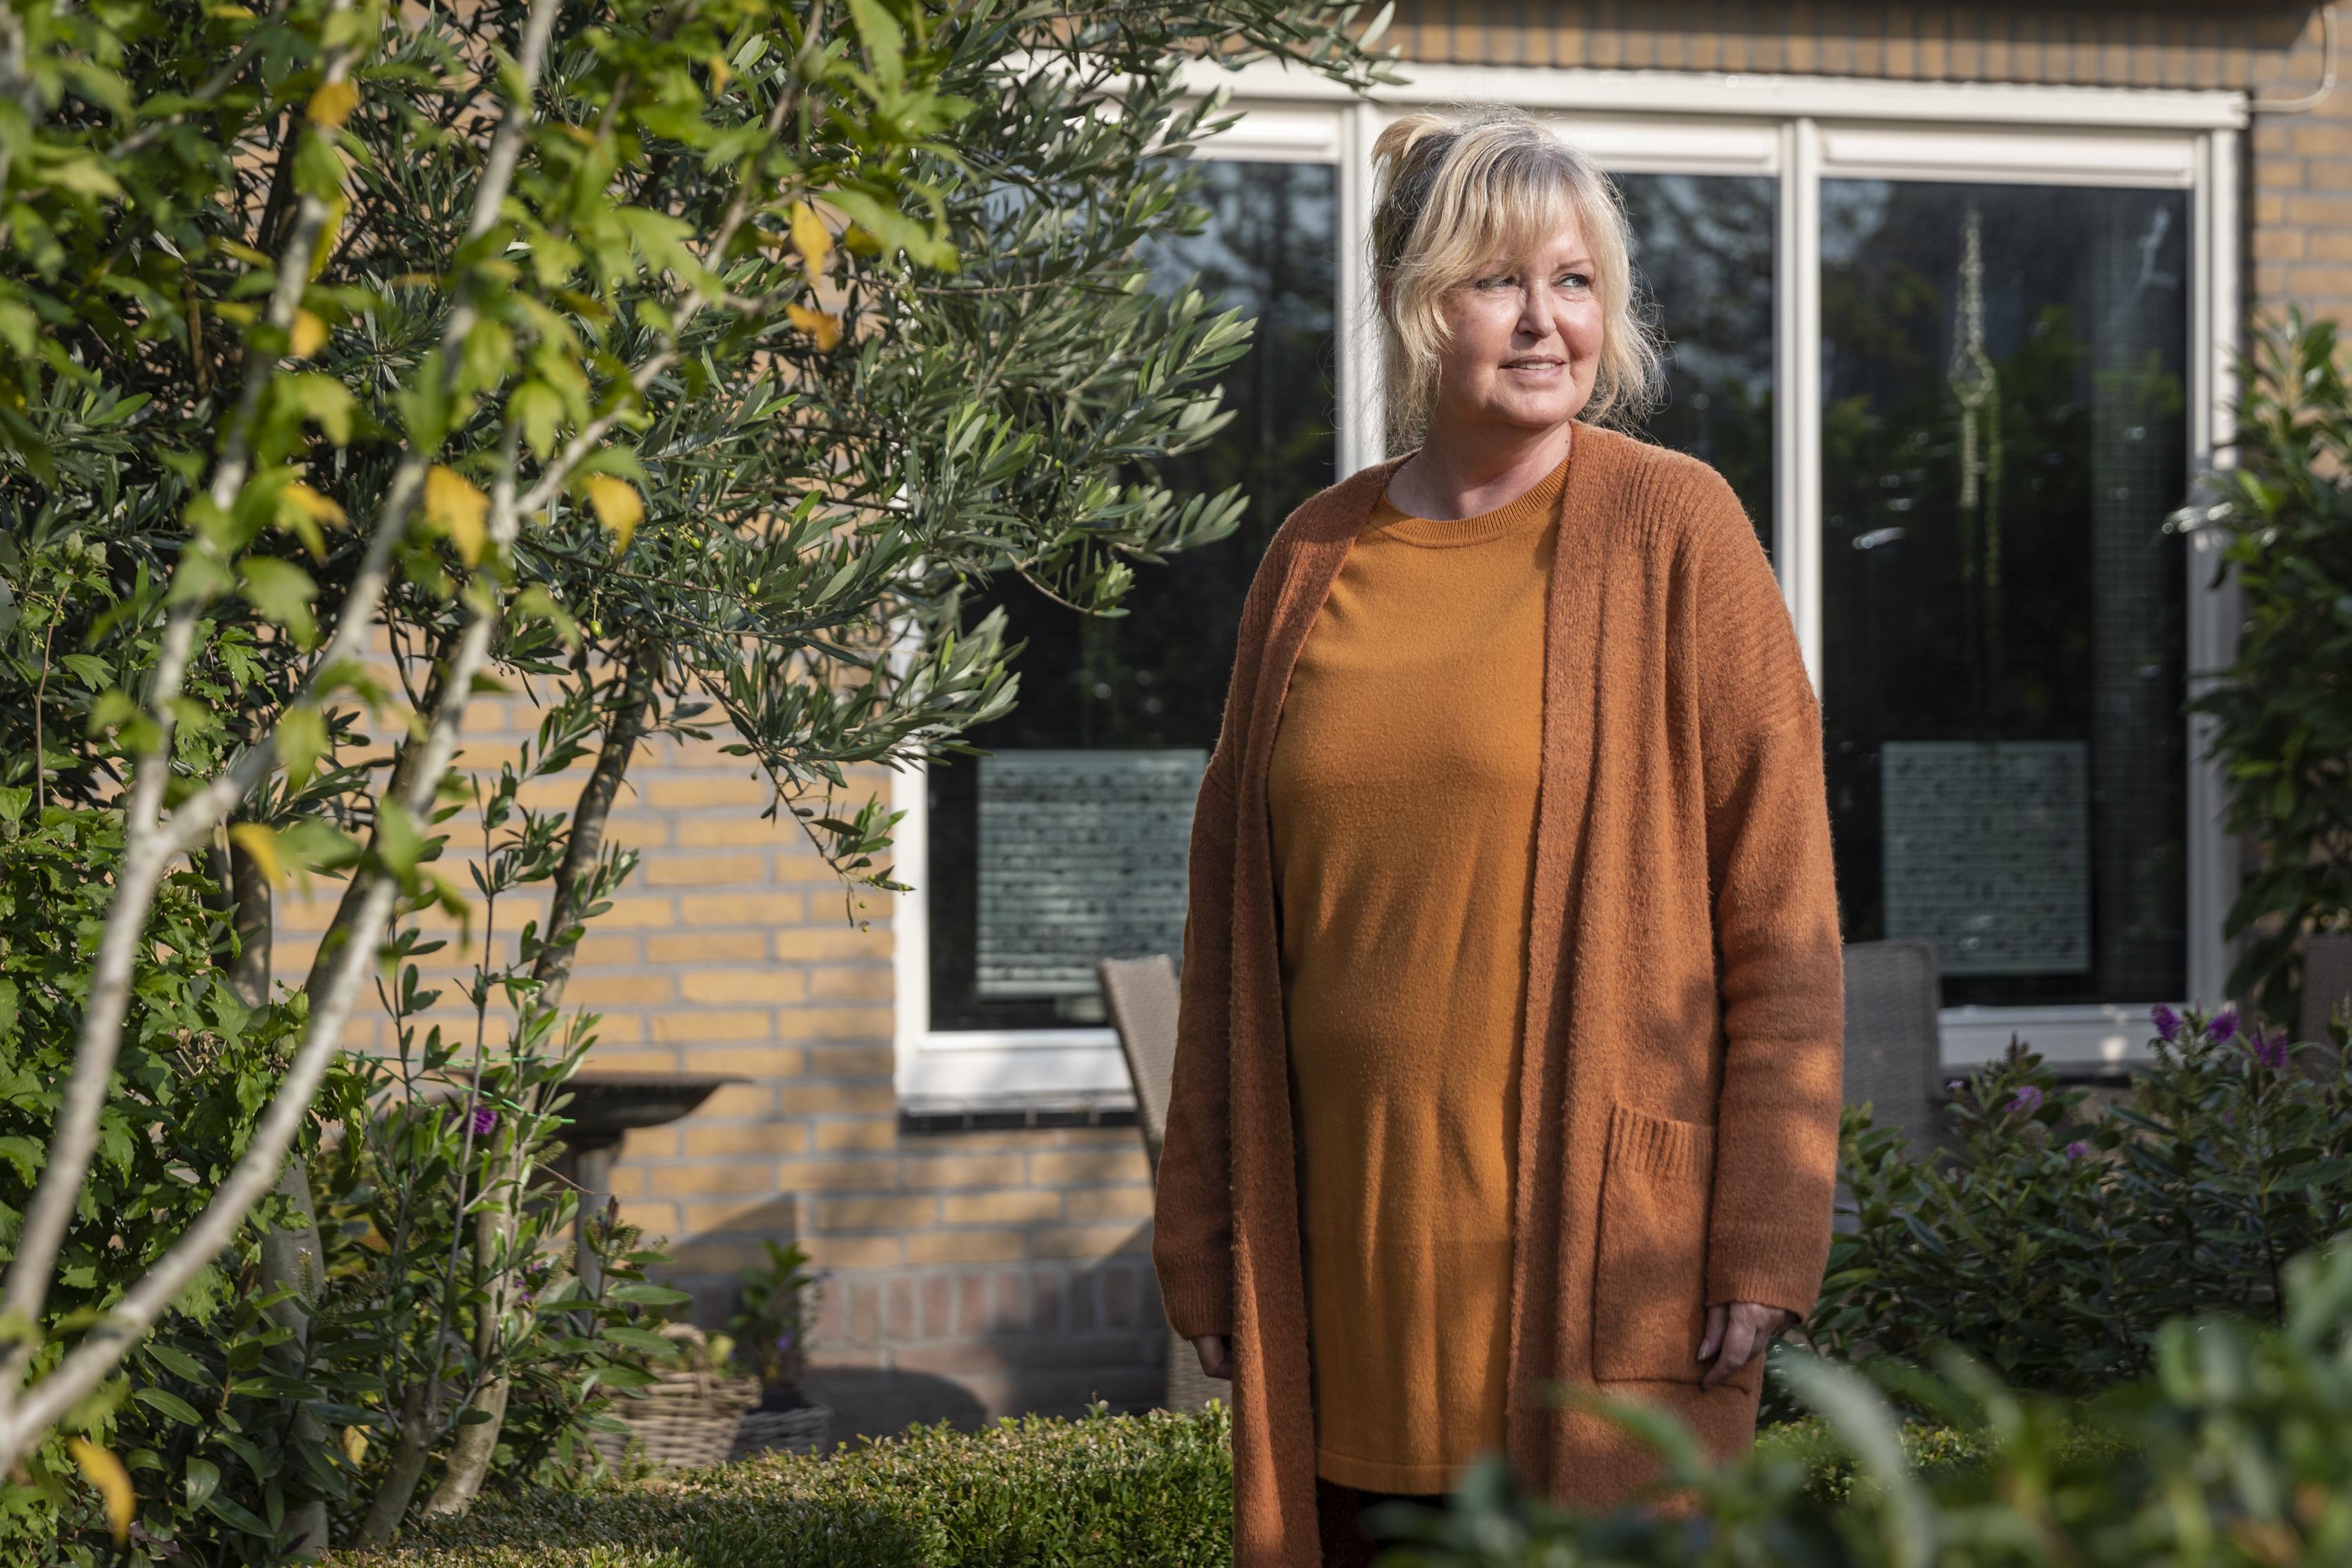 Risicogroepen kunnen op Texel weer onbezorgd shoppen en naar een terras. Dankzij het initiatief van Carolina Zijm